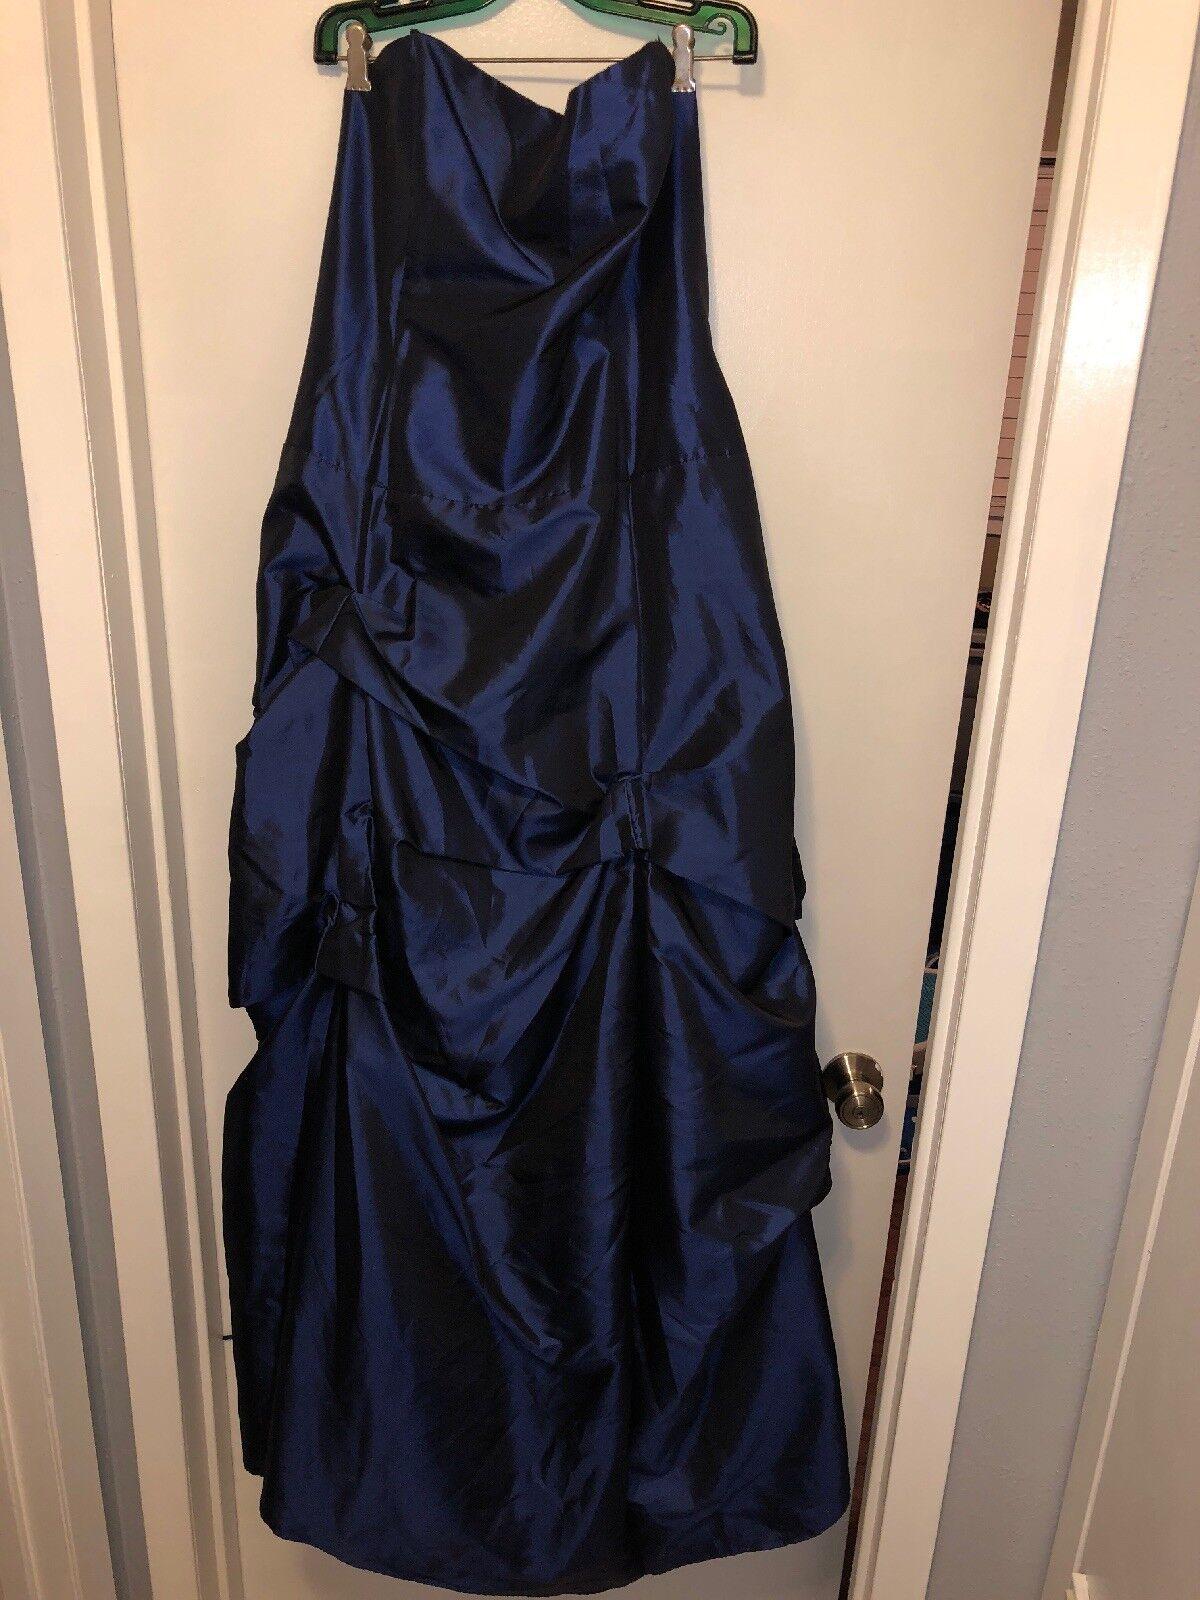 Fiesta bleu marine buscravater satin robe de bal 2xl neuf sans étiquettes